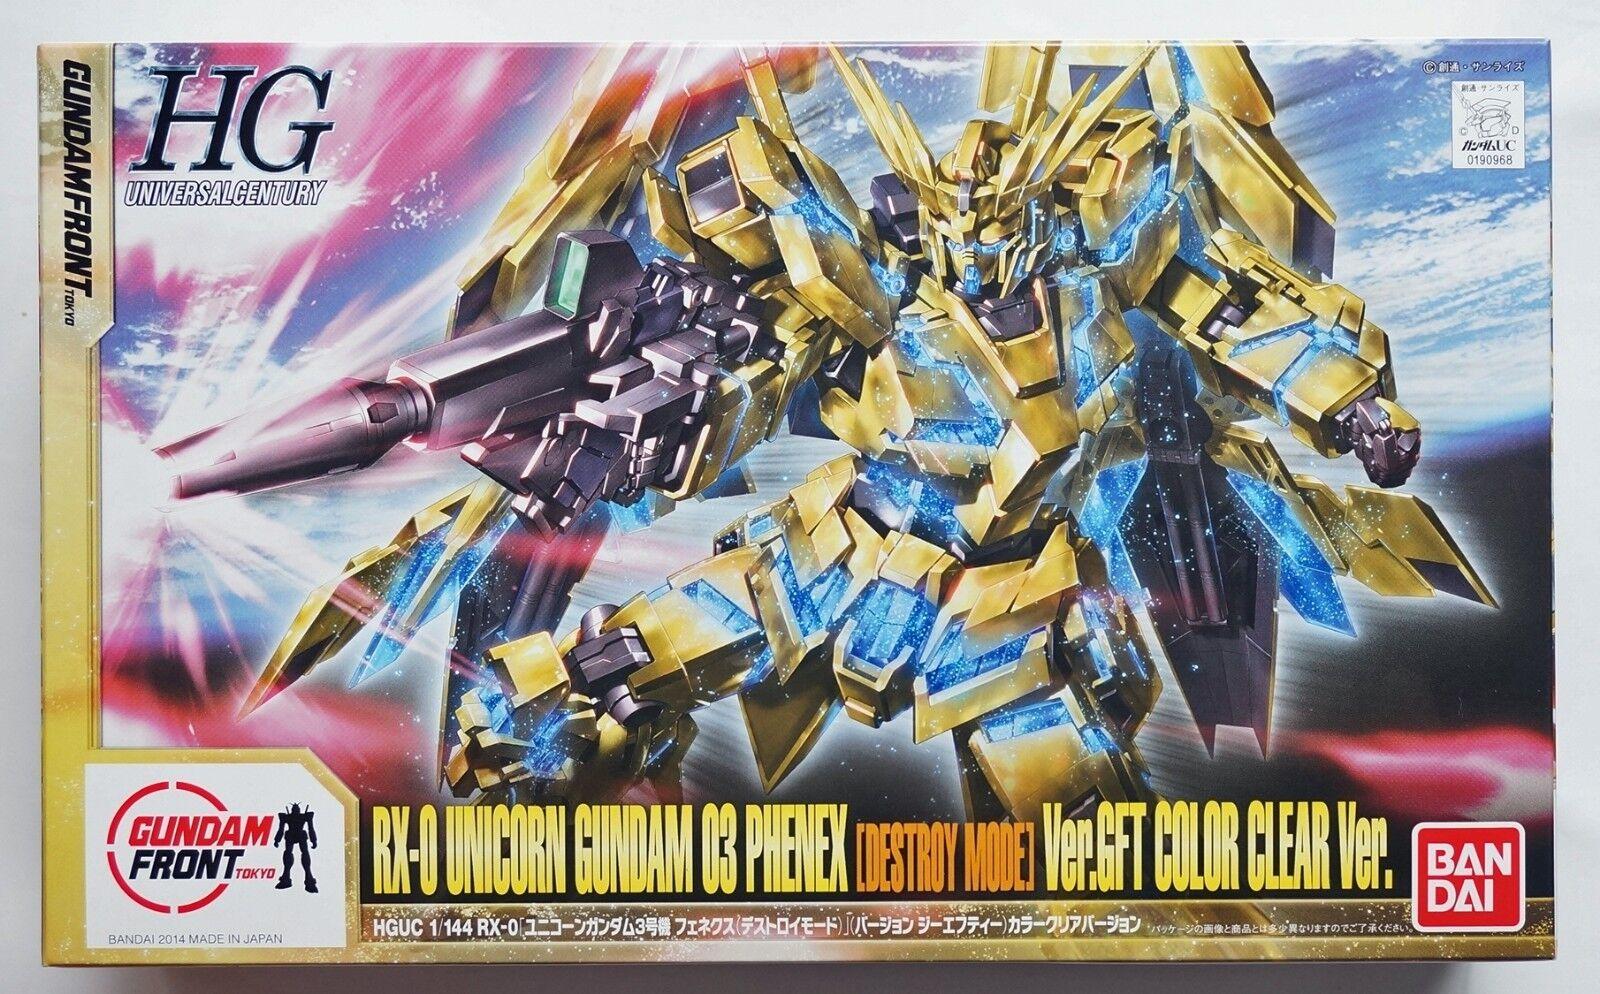 BANDAI HGUC 1  144 Unicorn Gundam 03 Fenex D -Mode GFT färgrensad skalenlig modellllerl